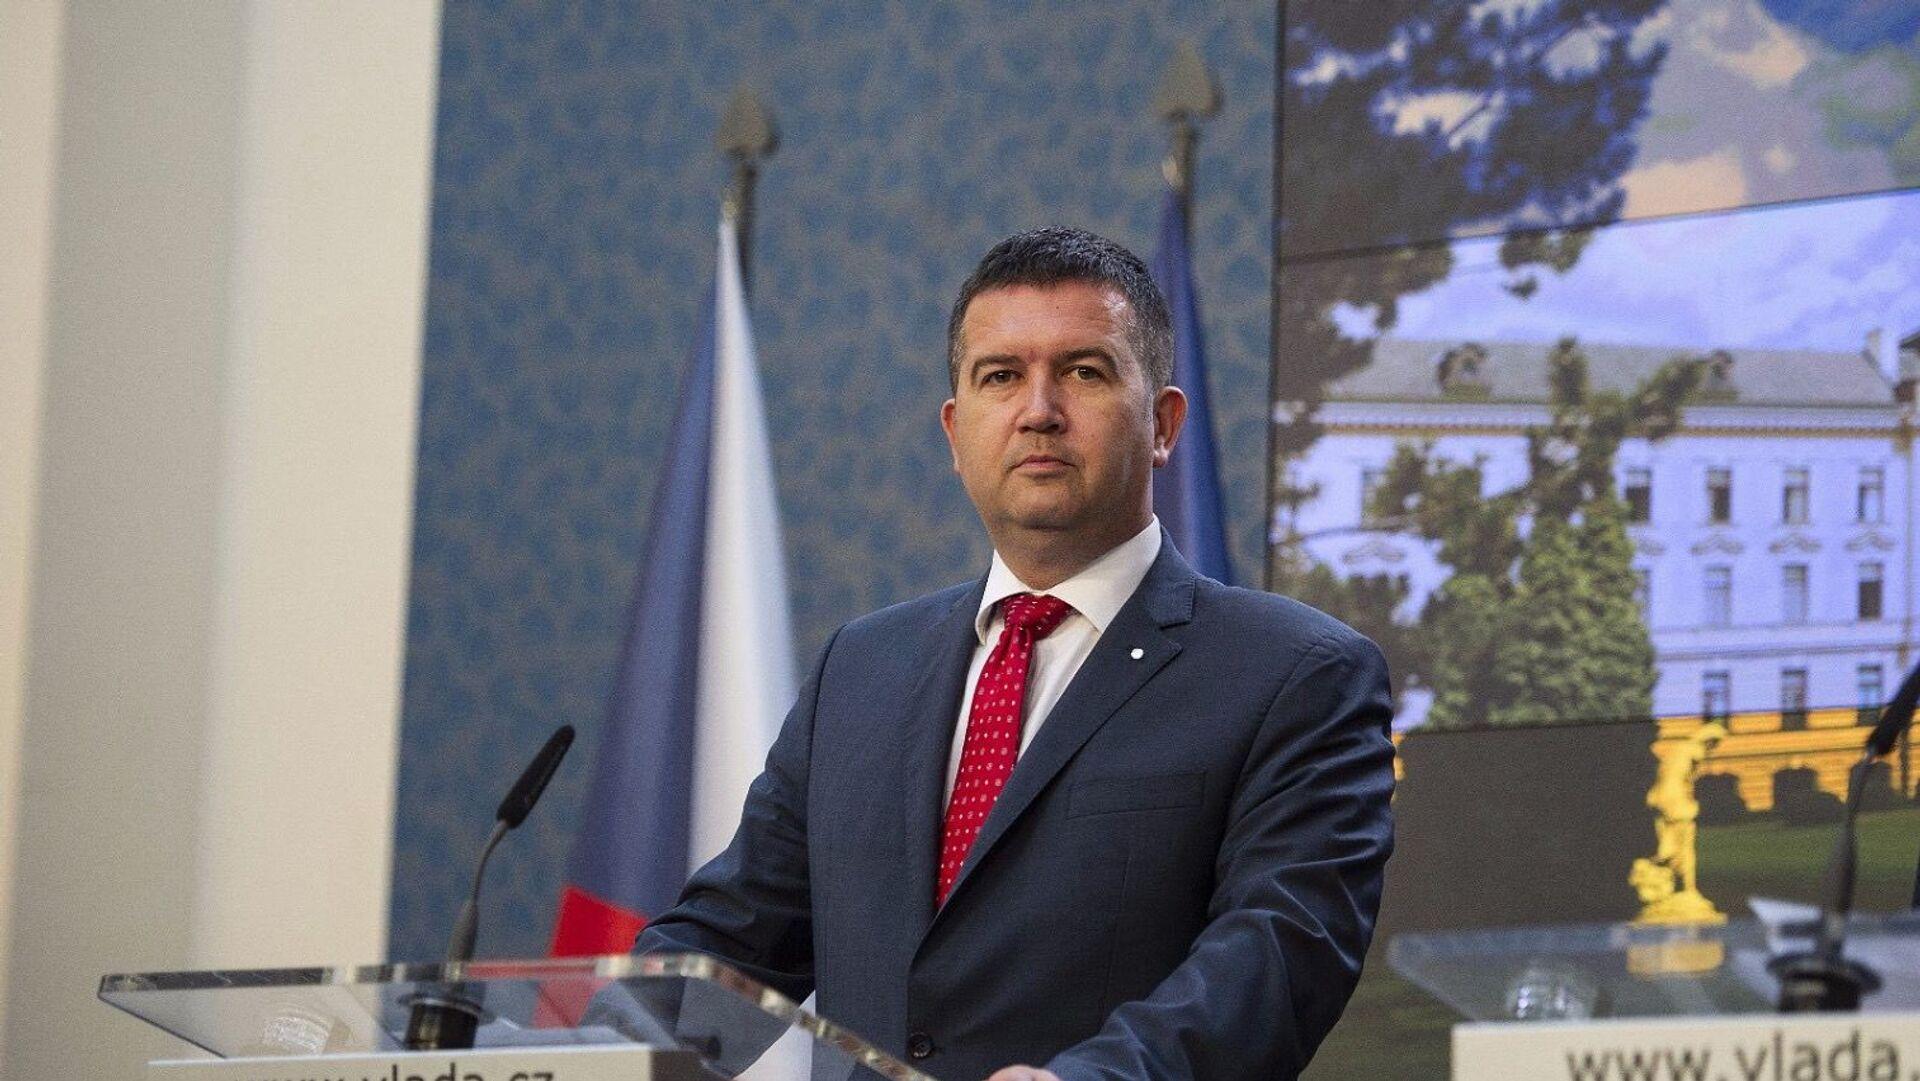 Lídr ČSSD a ministr vnitra Jan Hamáček - Sputnik Česká republika, 1920, 13.04.2021